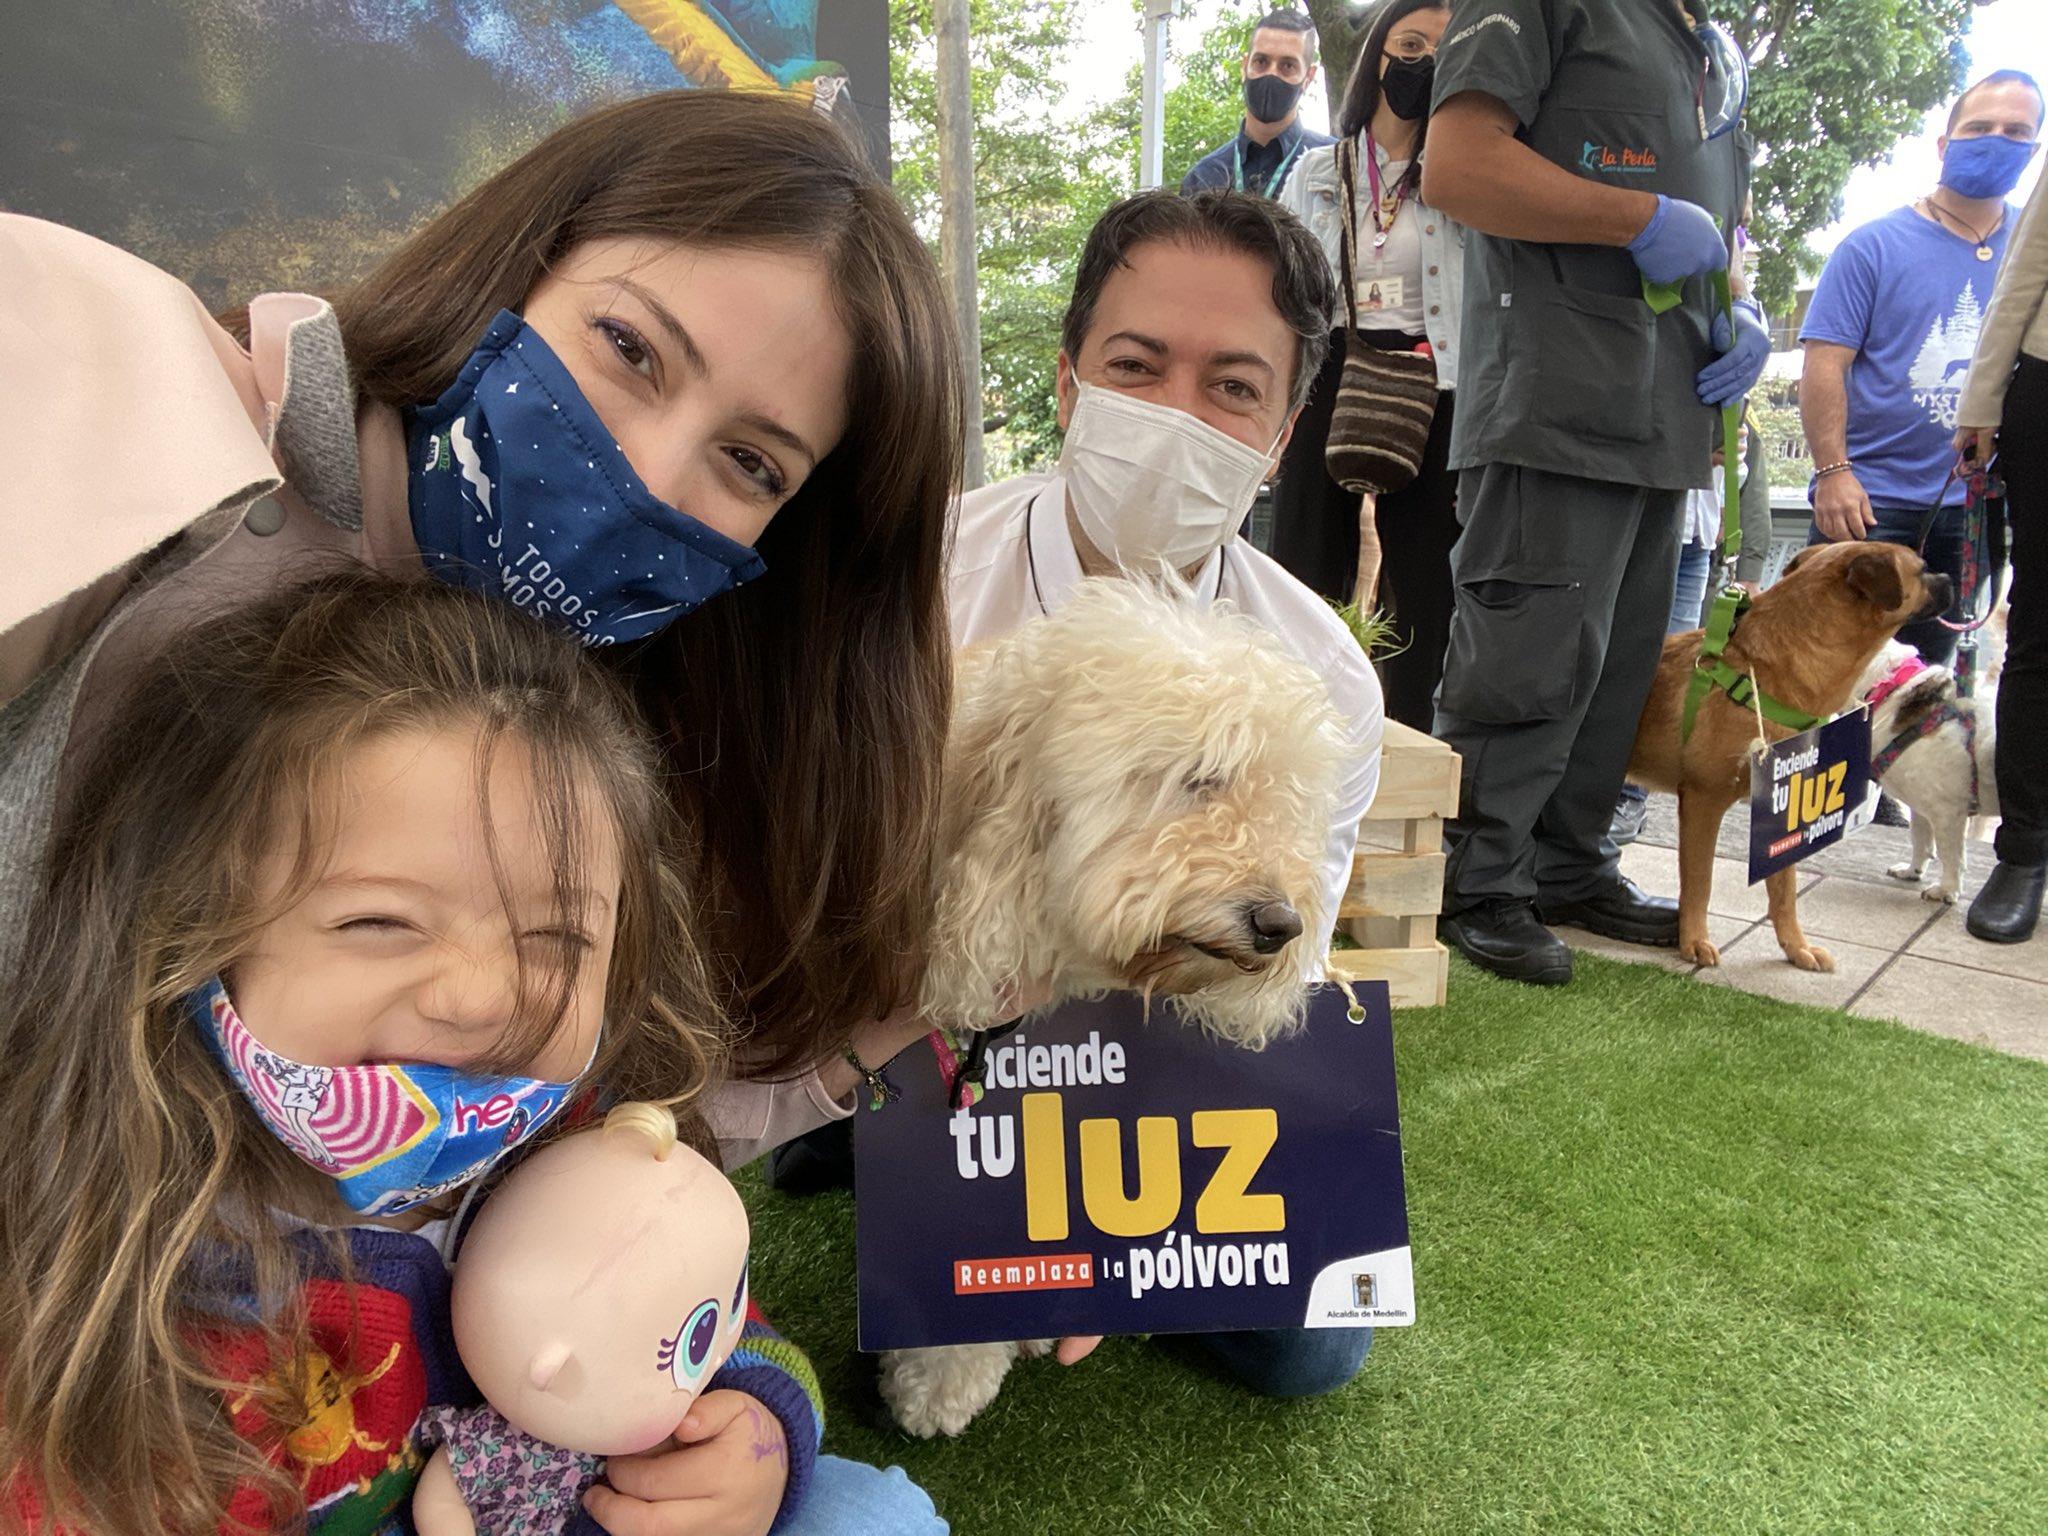 Huellatón convoca a los ciudadanos a tomarse una selfie con sus mascotas